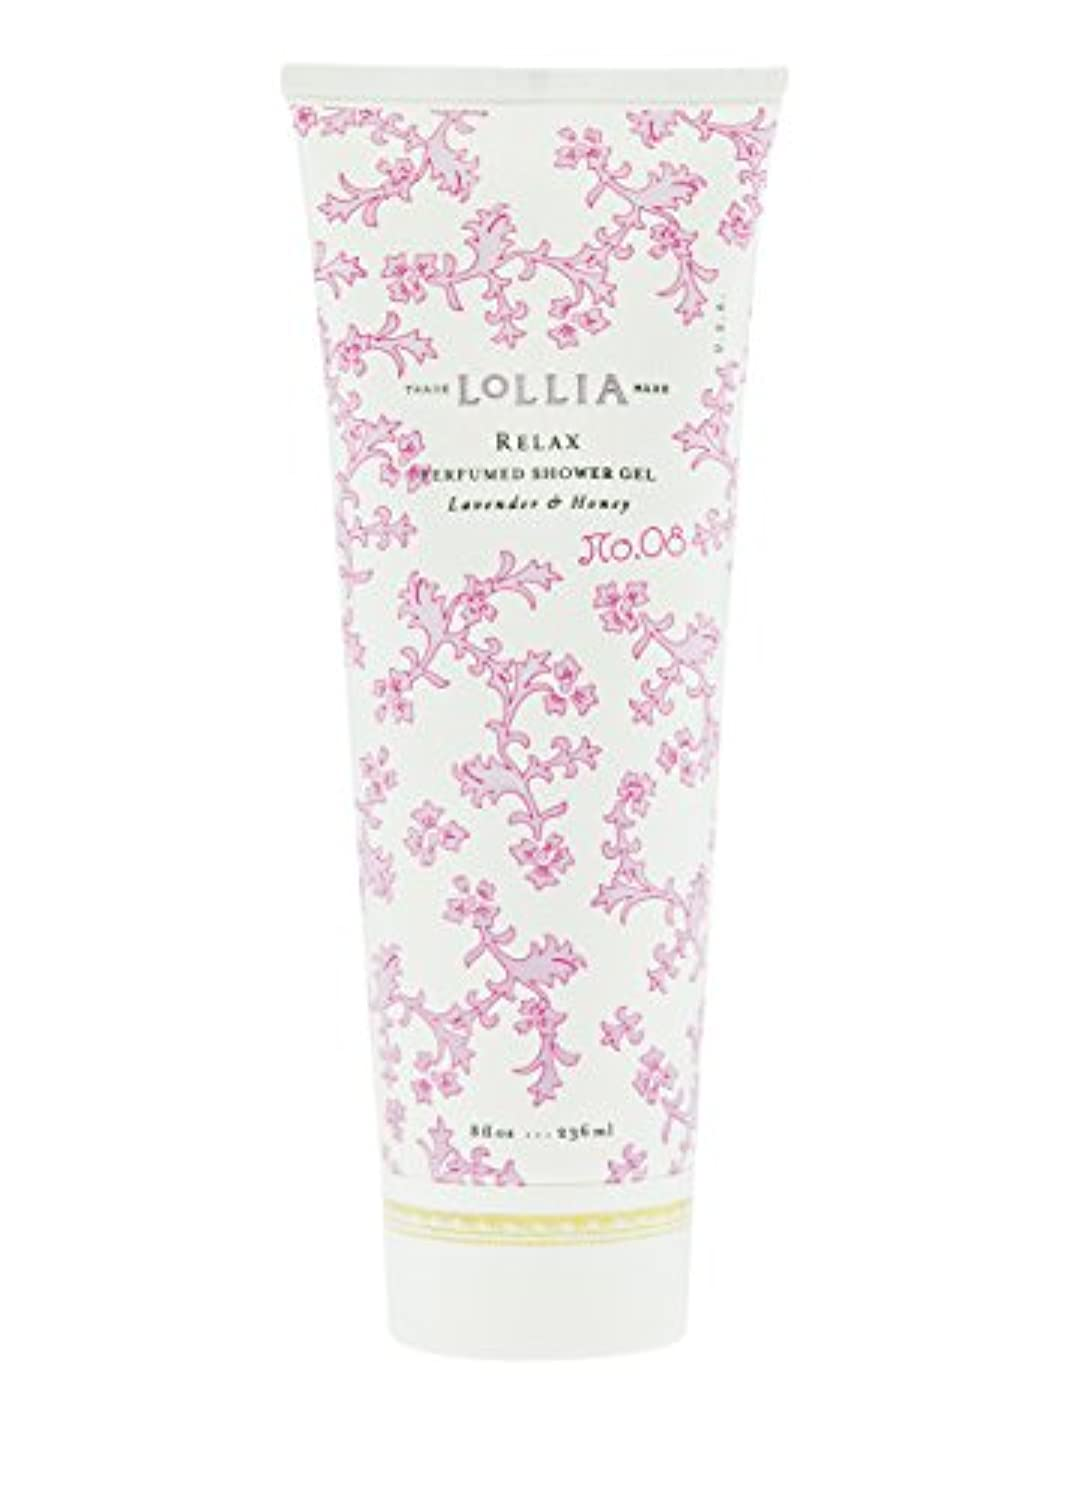 魅惑するシアー溝ロリア(LoLLIA) パフュームドシャワージェル Relax 236ml(全身用洗浄料 ボディーソープ ホワイトオーキッド、タヒチアンバニラ、ハチミツ、アンバーの香り)